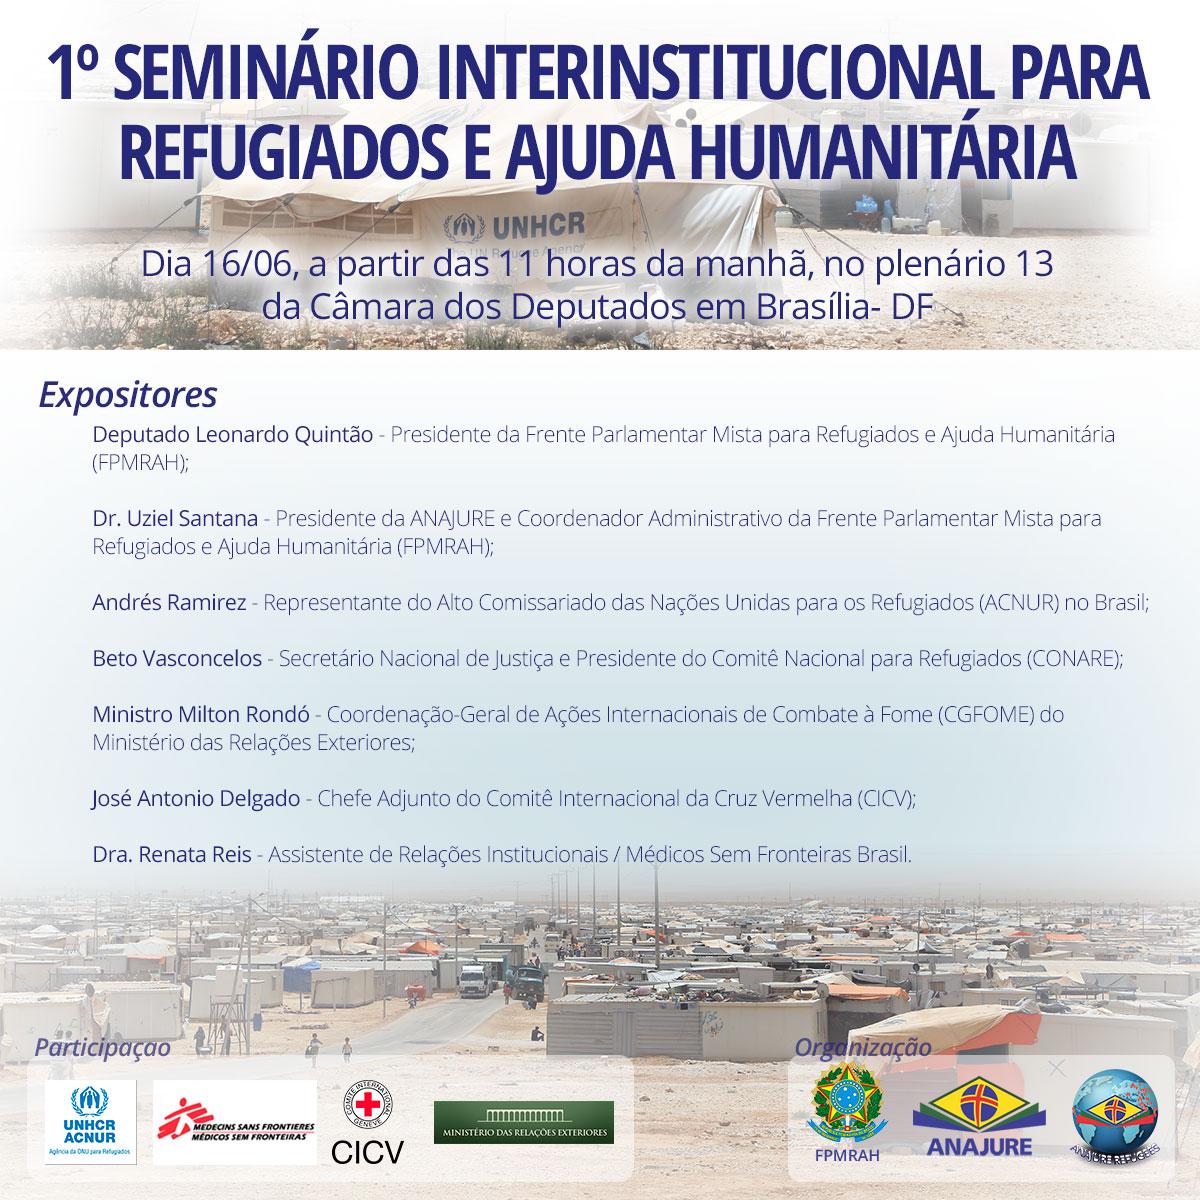 Anajure---1-Seminario-interinstitucional-6